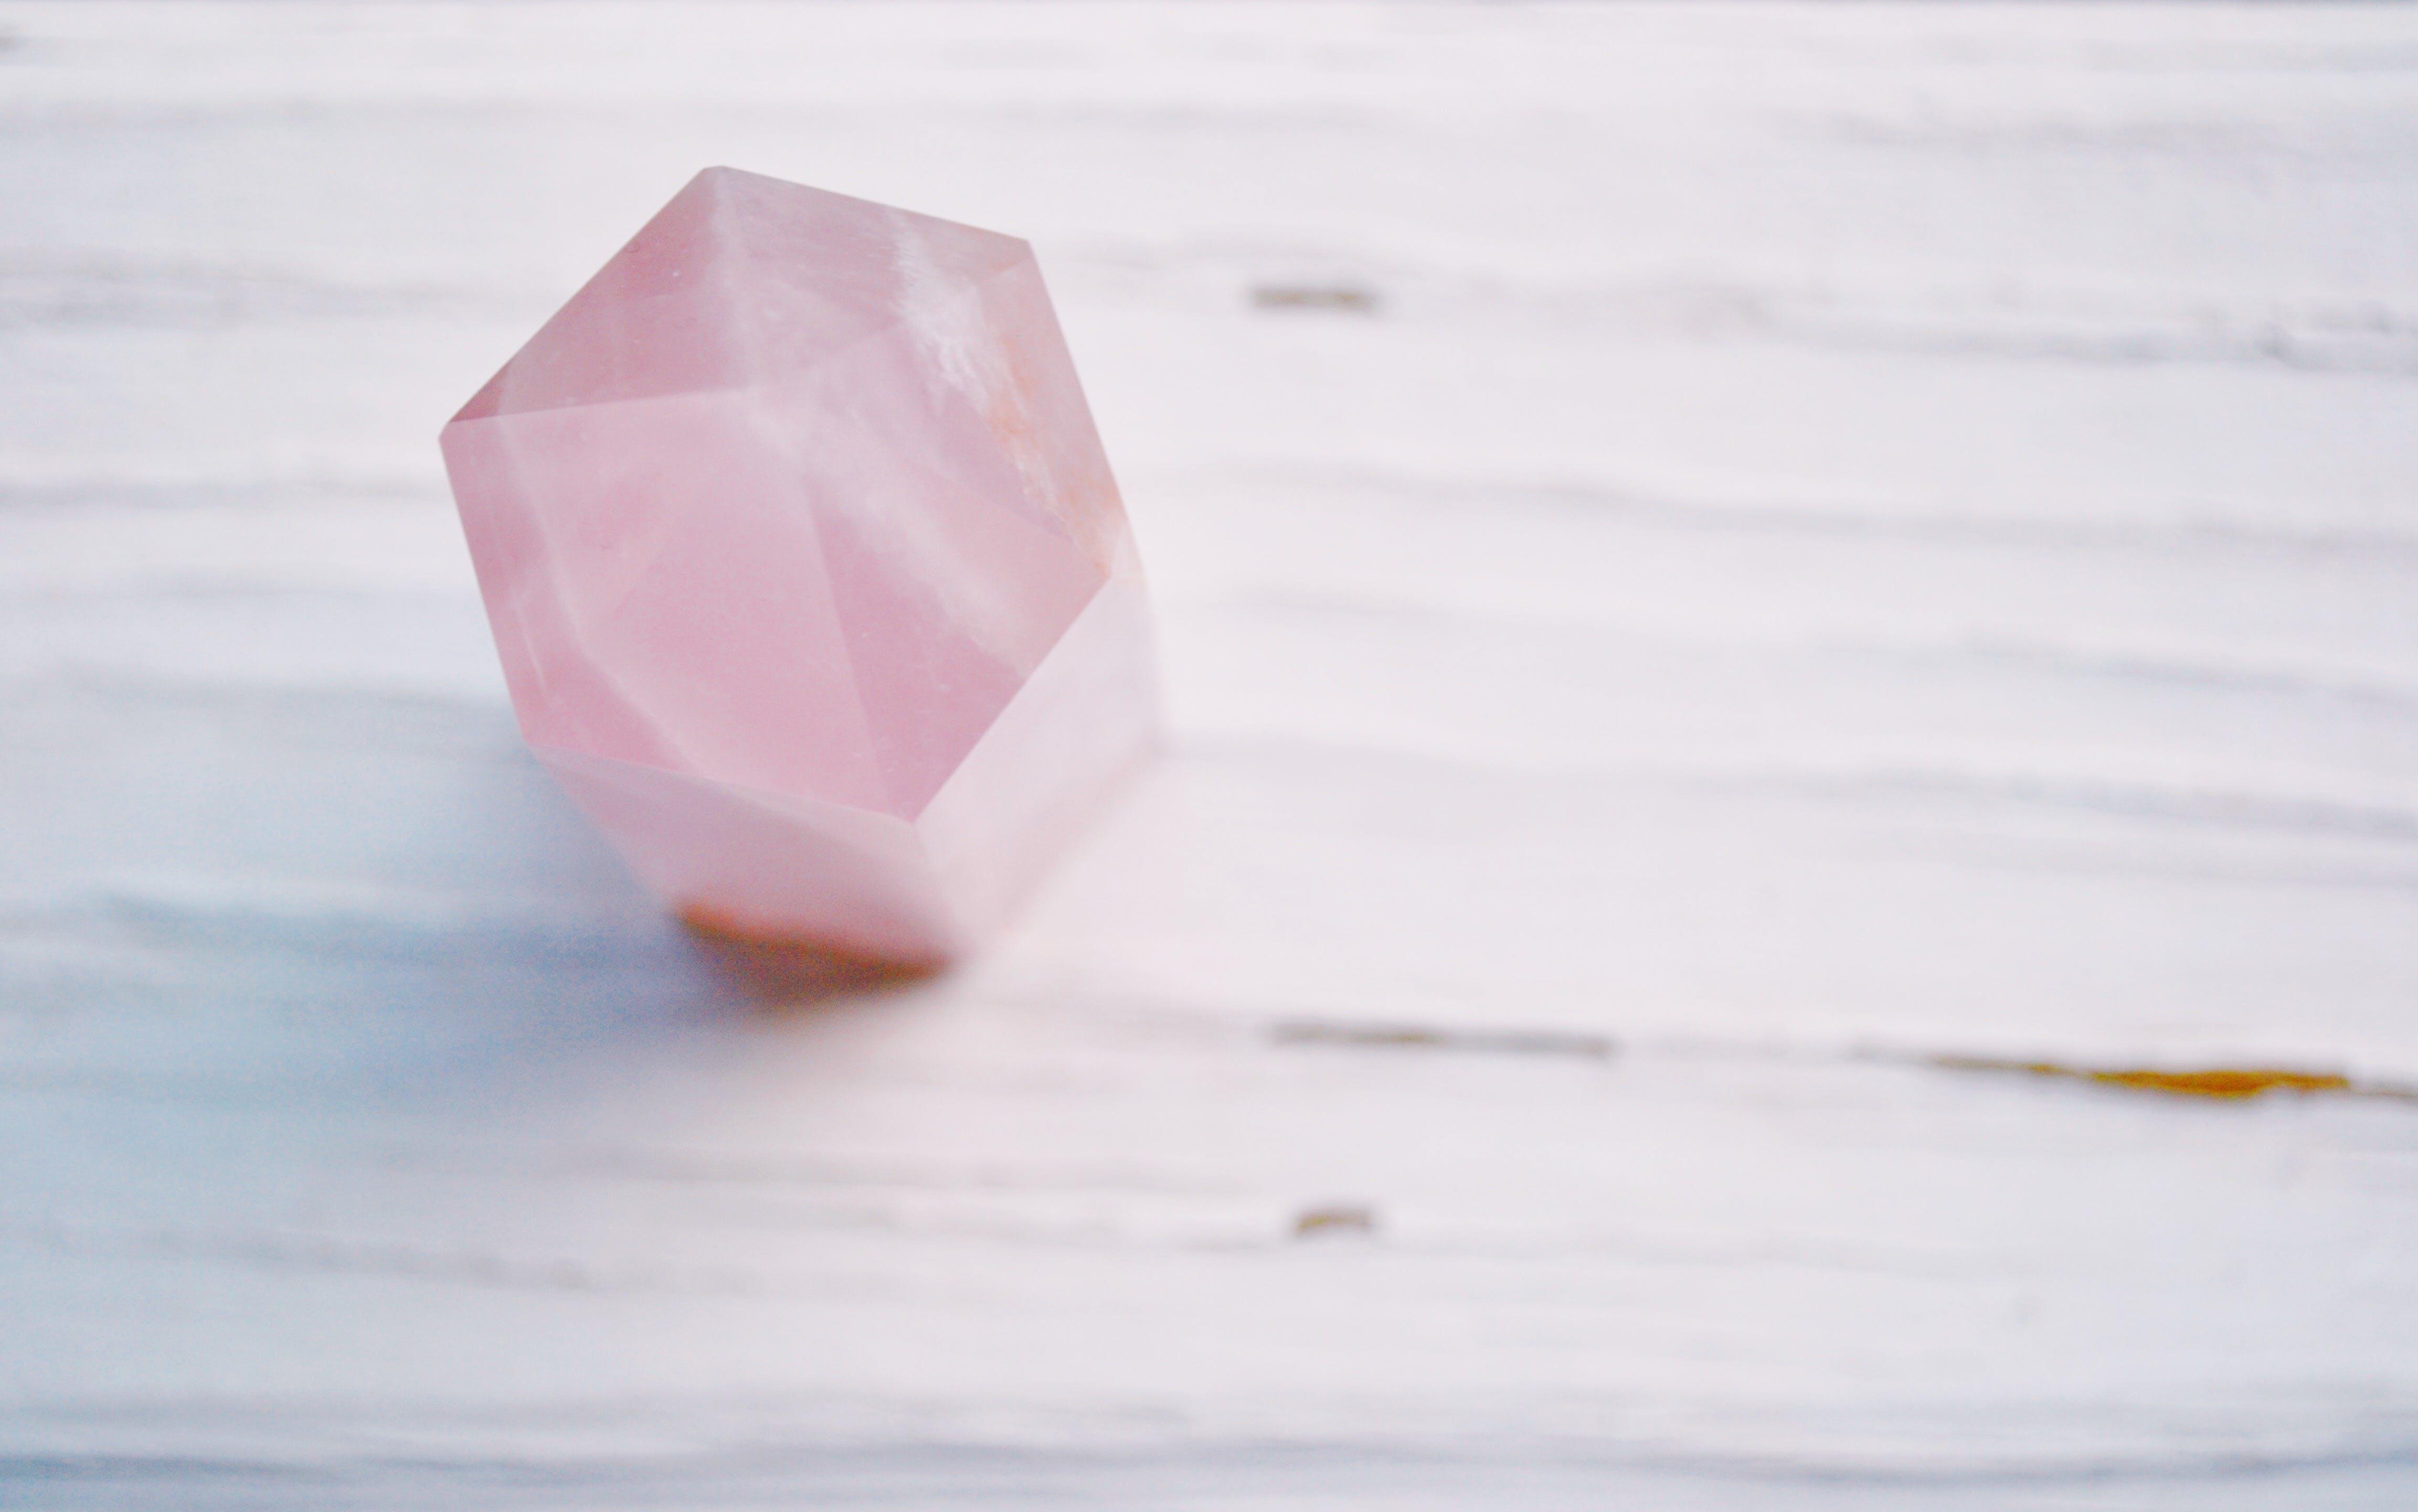 Kostenloses Stock Foto zu fokus, gestalten, heilender kristall, juwel